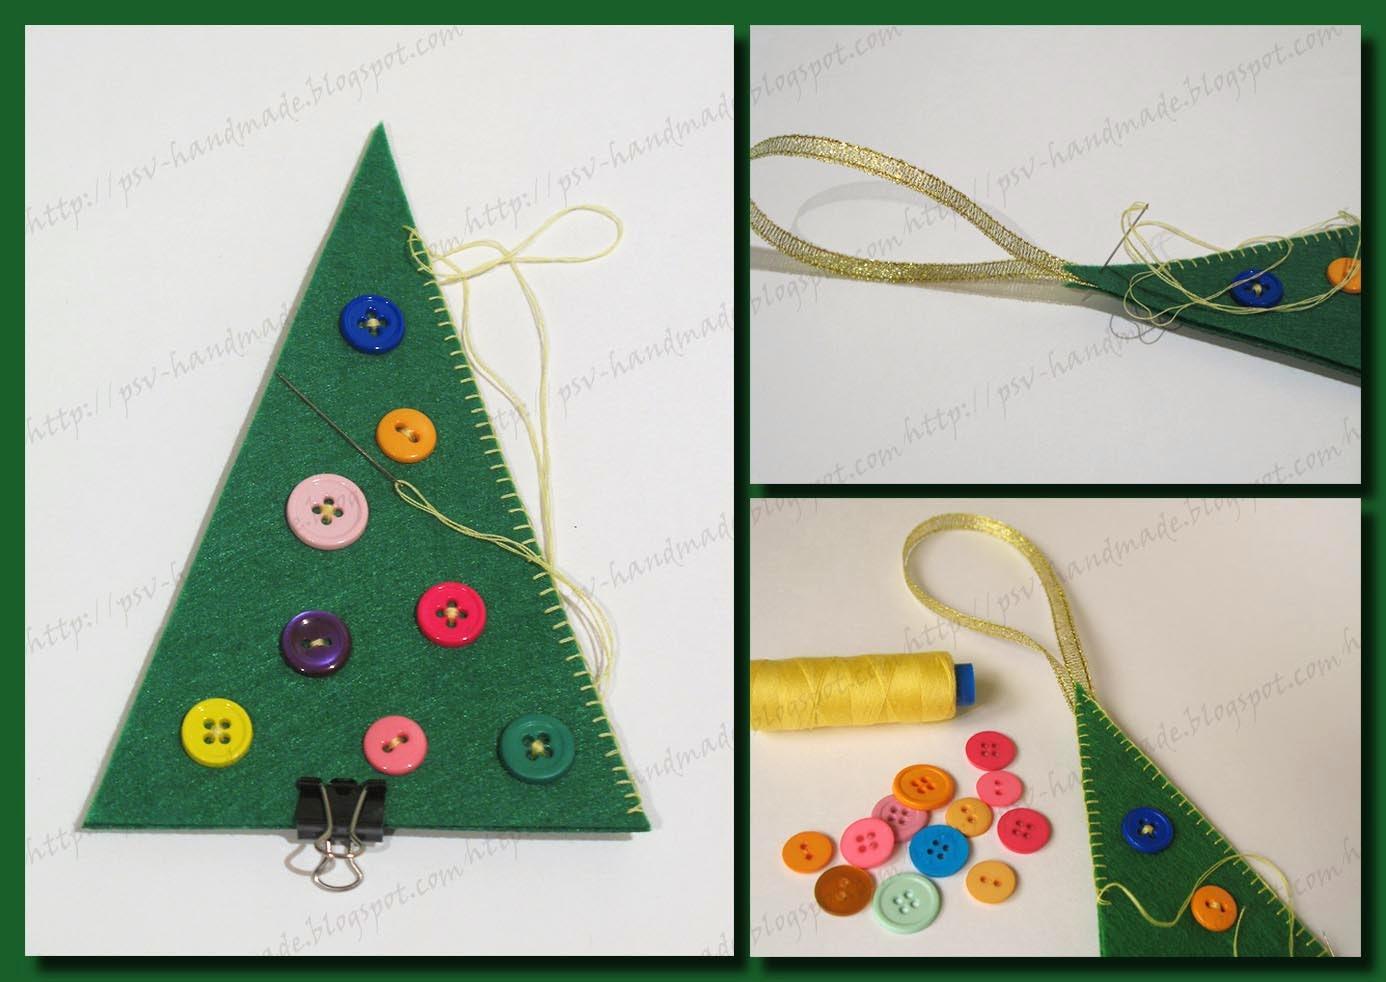 Мастер-класс по пошиву елочек из фетра к новому году с рассылкой выкроек.